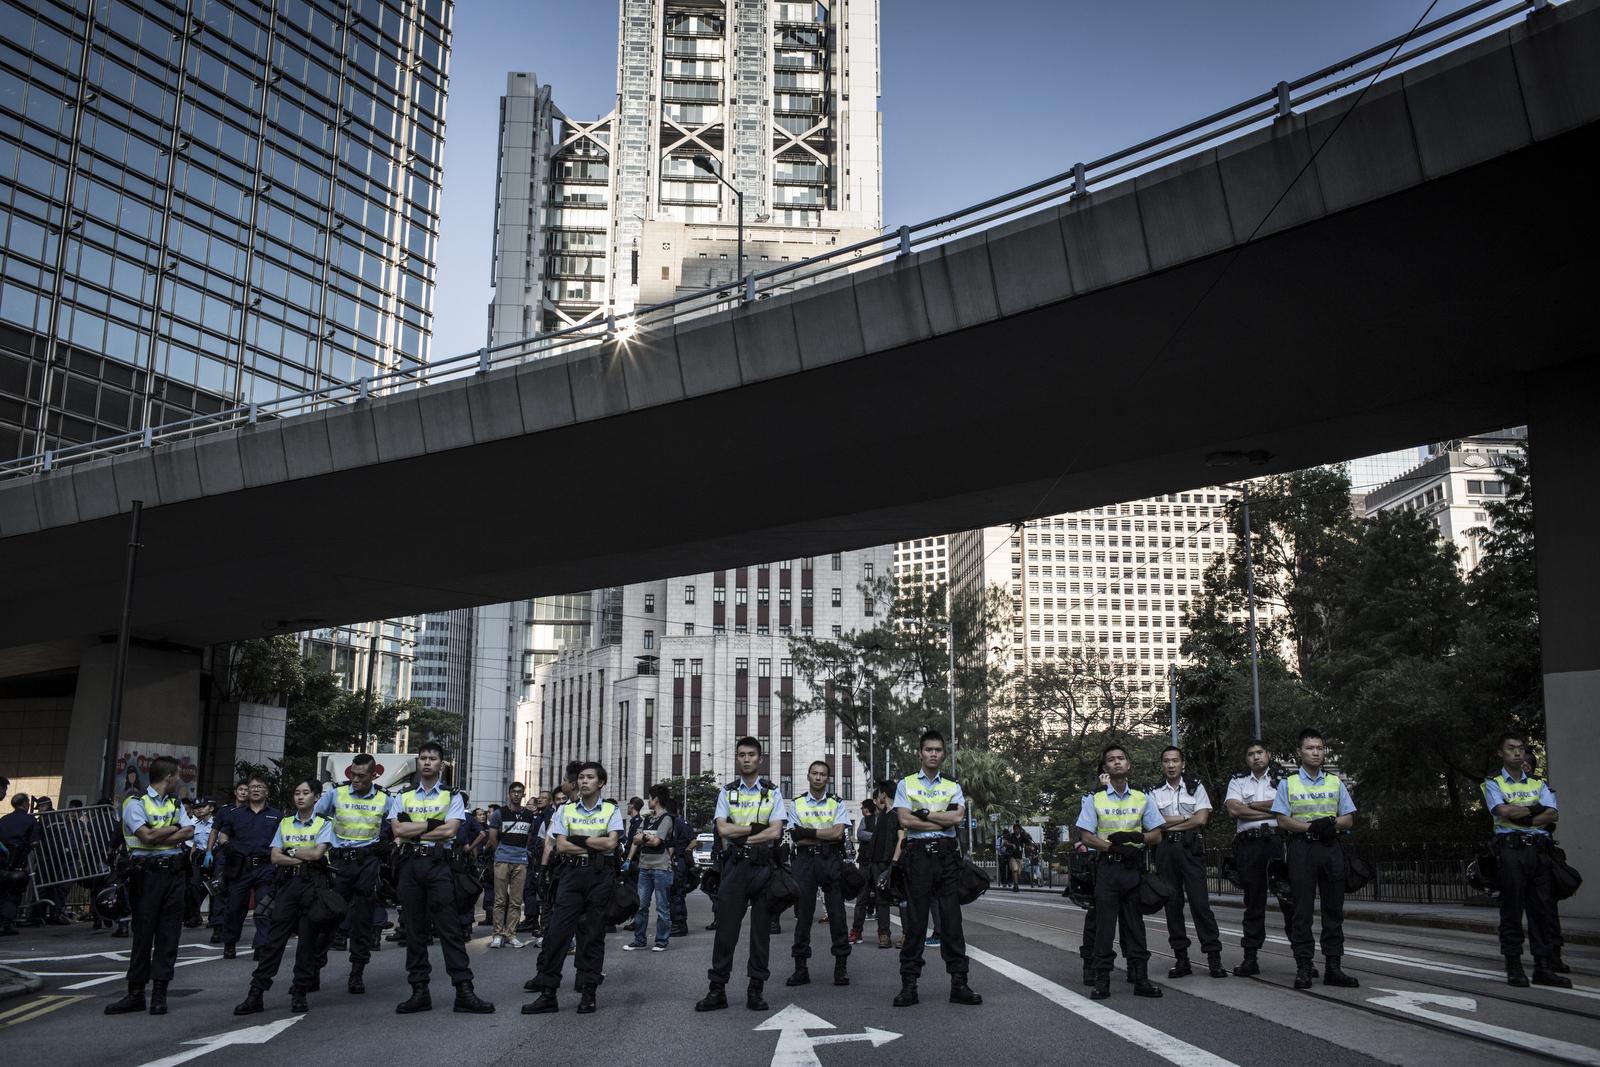 MATHIEU_WILLCOCKS_Hong Kong_Protest_0007.jpg